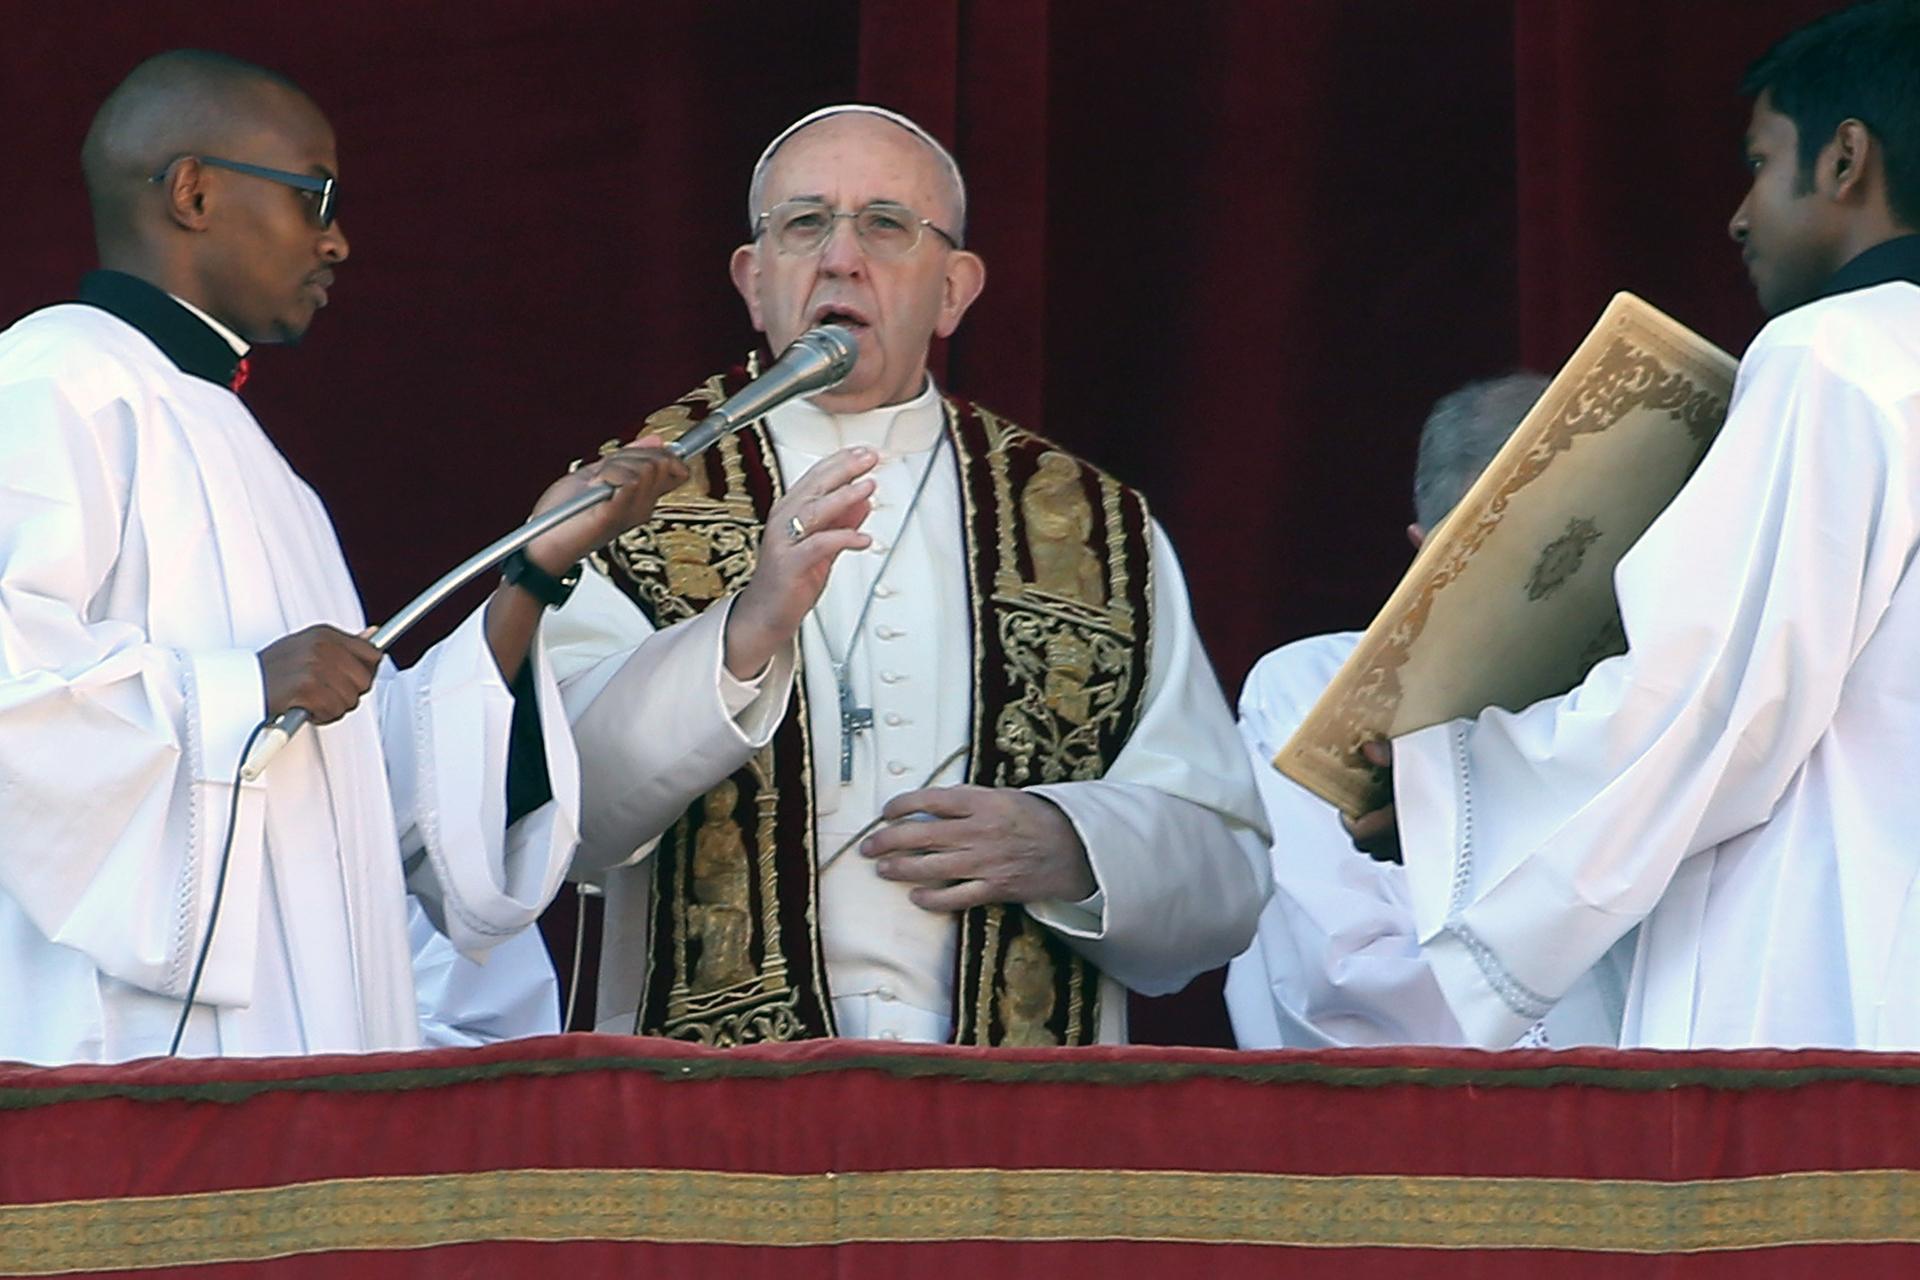 pope francis_1514699838784.jpg-159532.jpg25257623